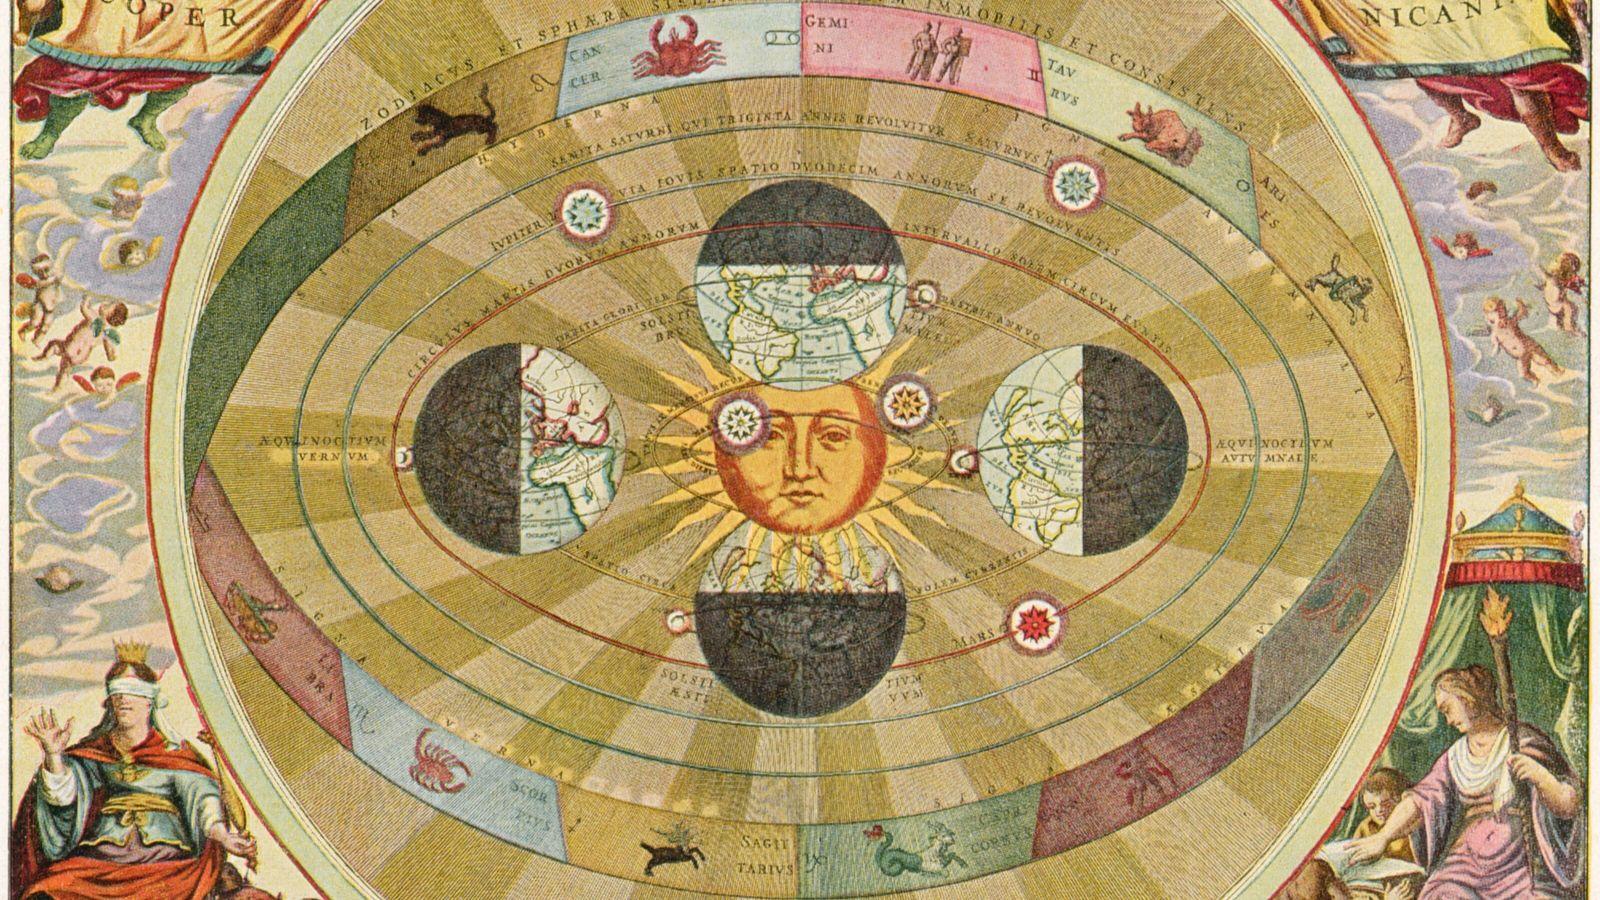 Le système planétaire héliocentrique de Copernic (1510), in « Harmonia Macrocosmica, 1660 ».